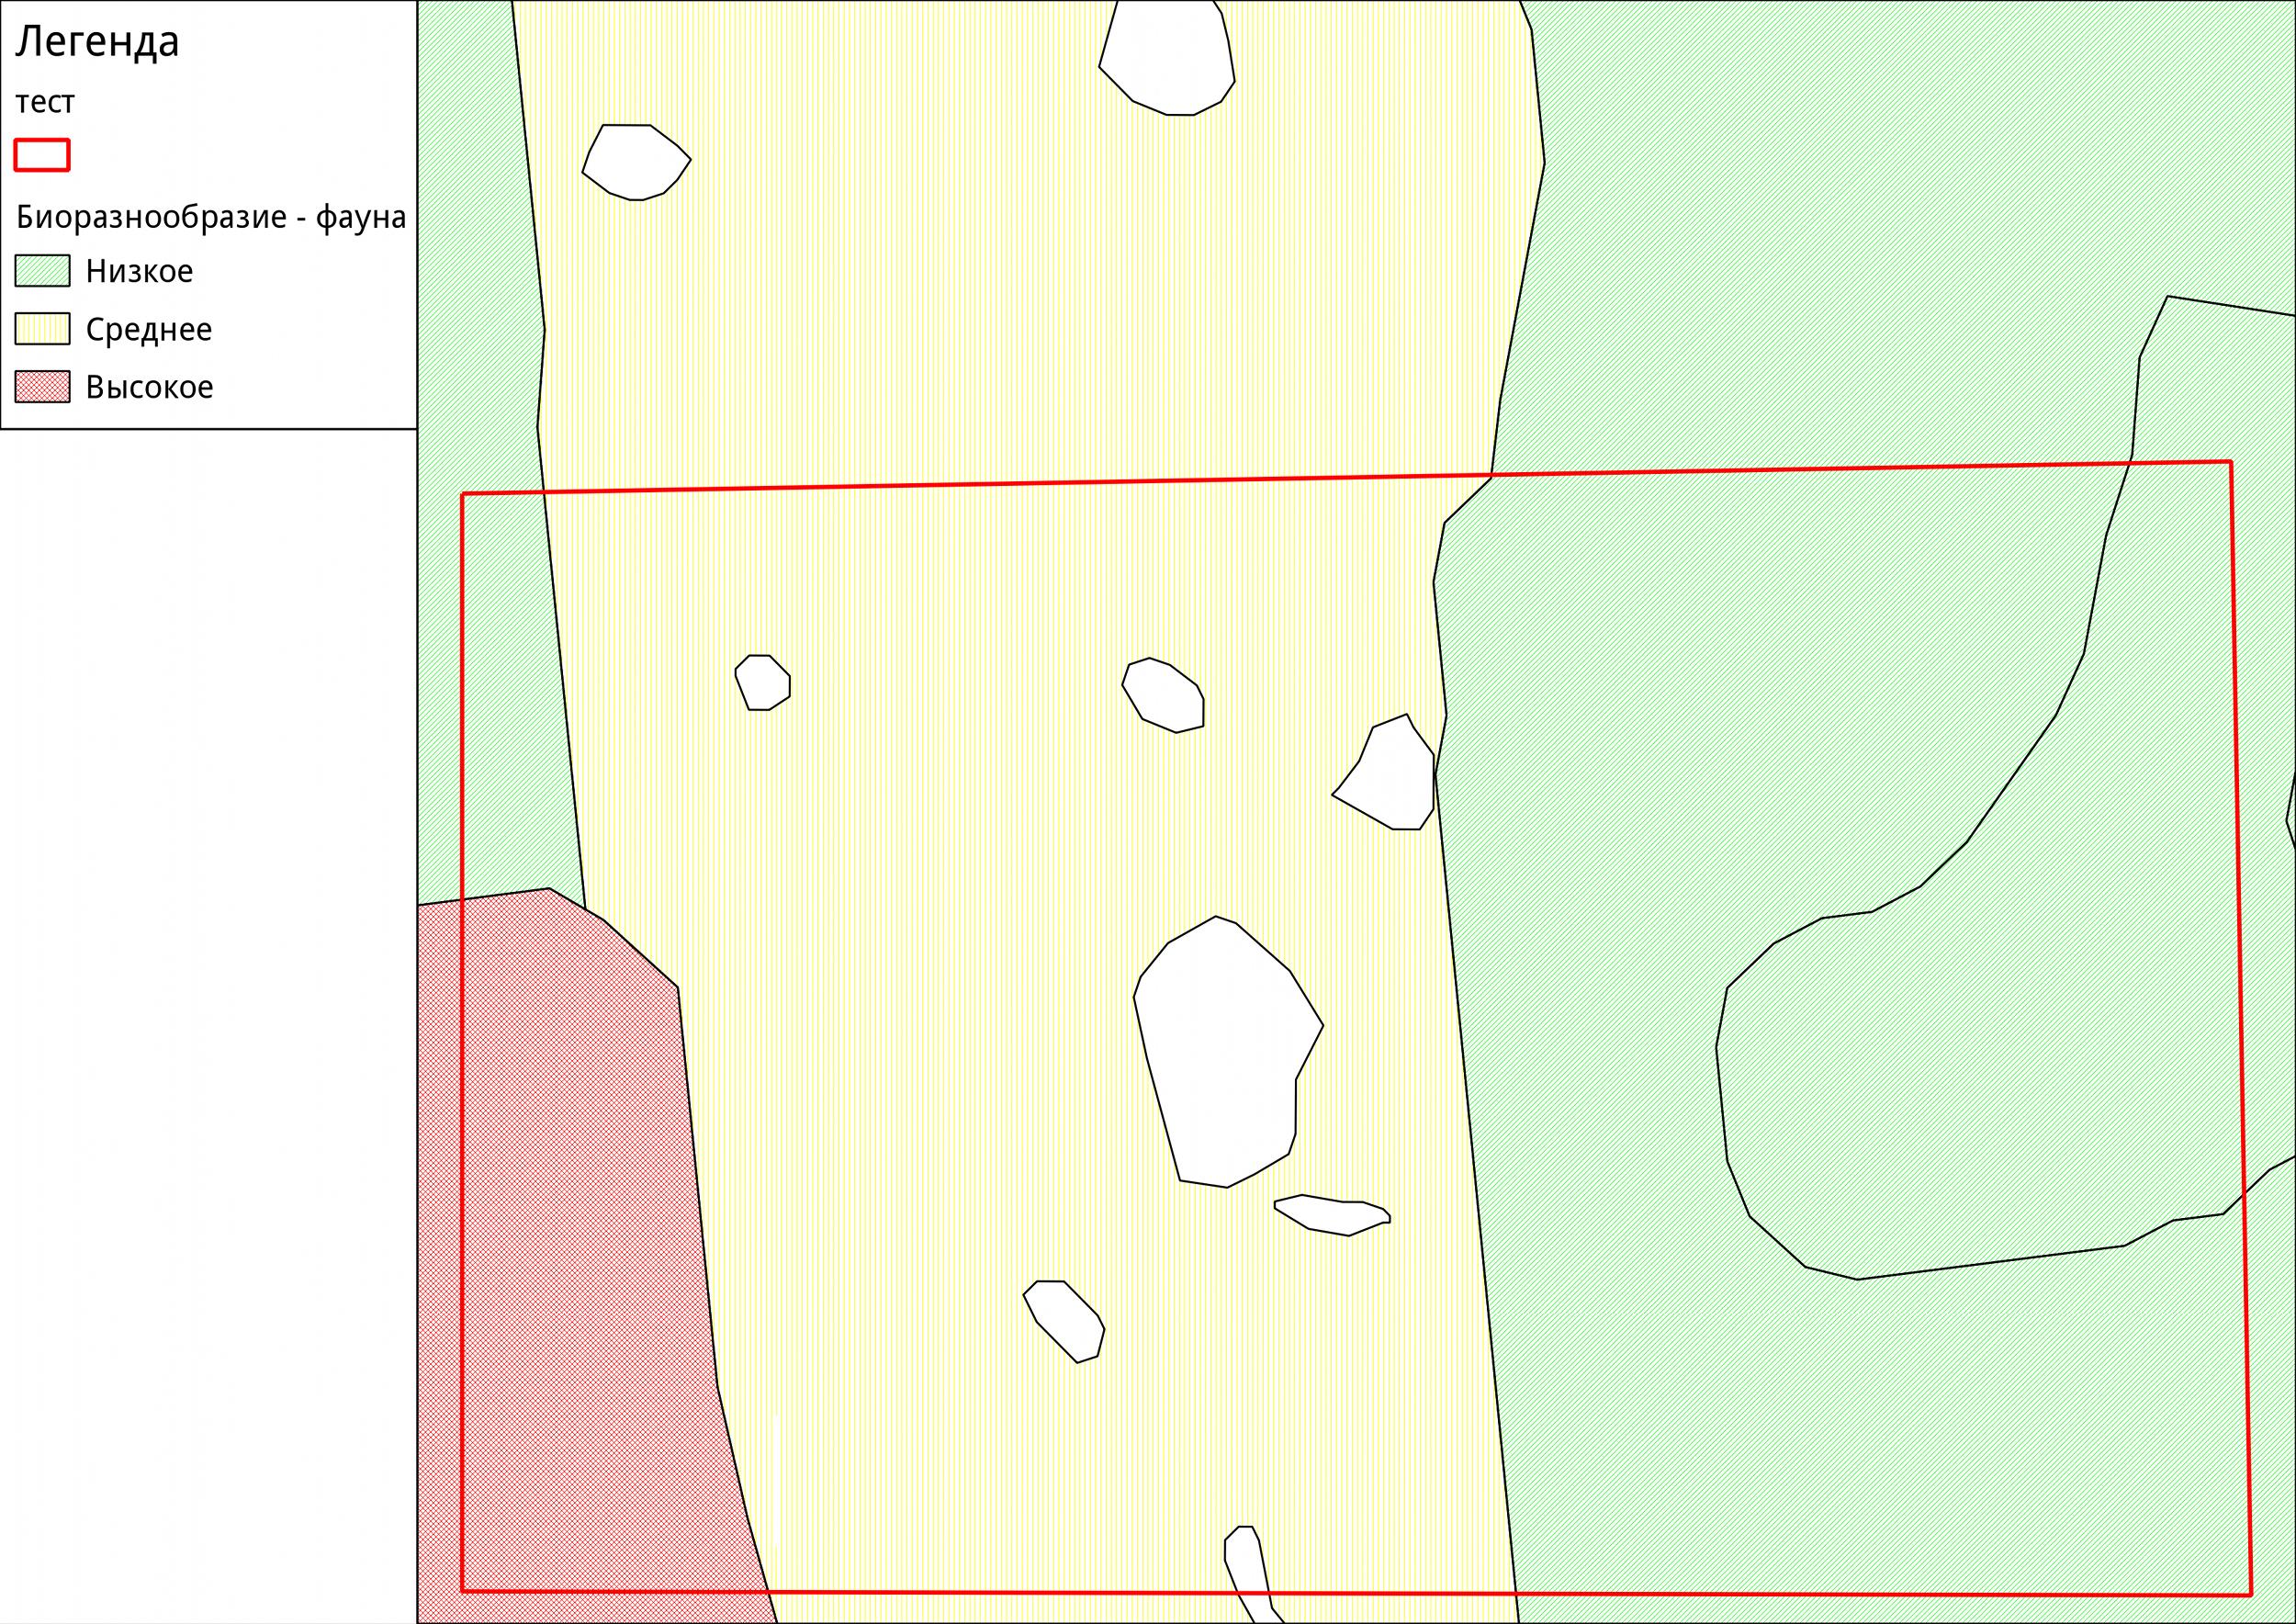 Пример тематической карты